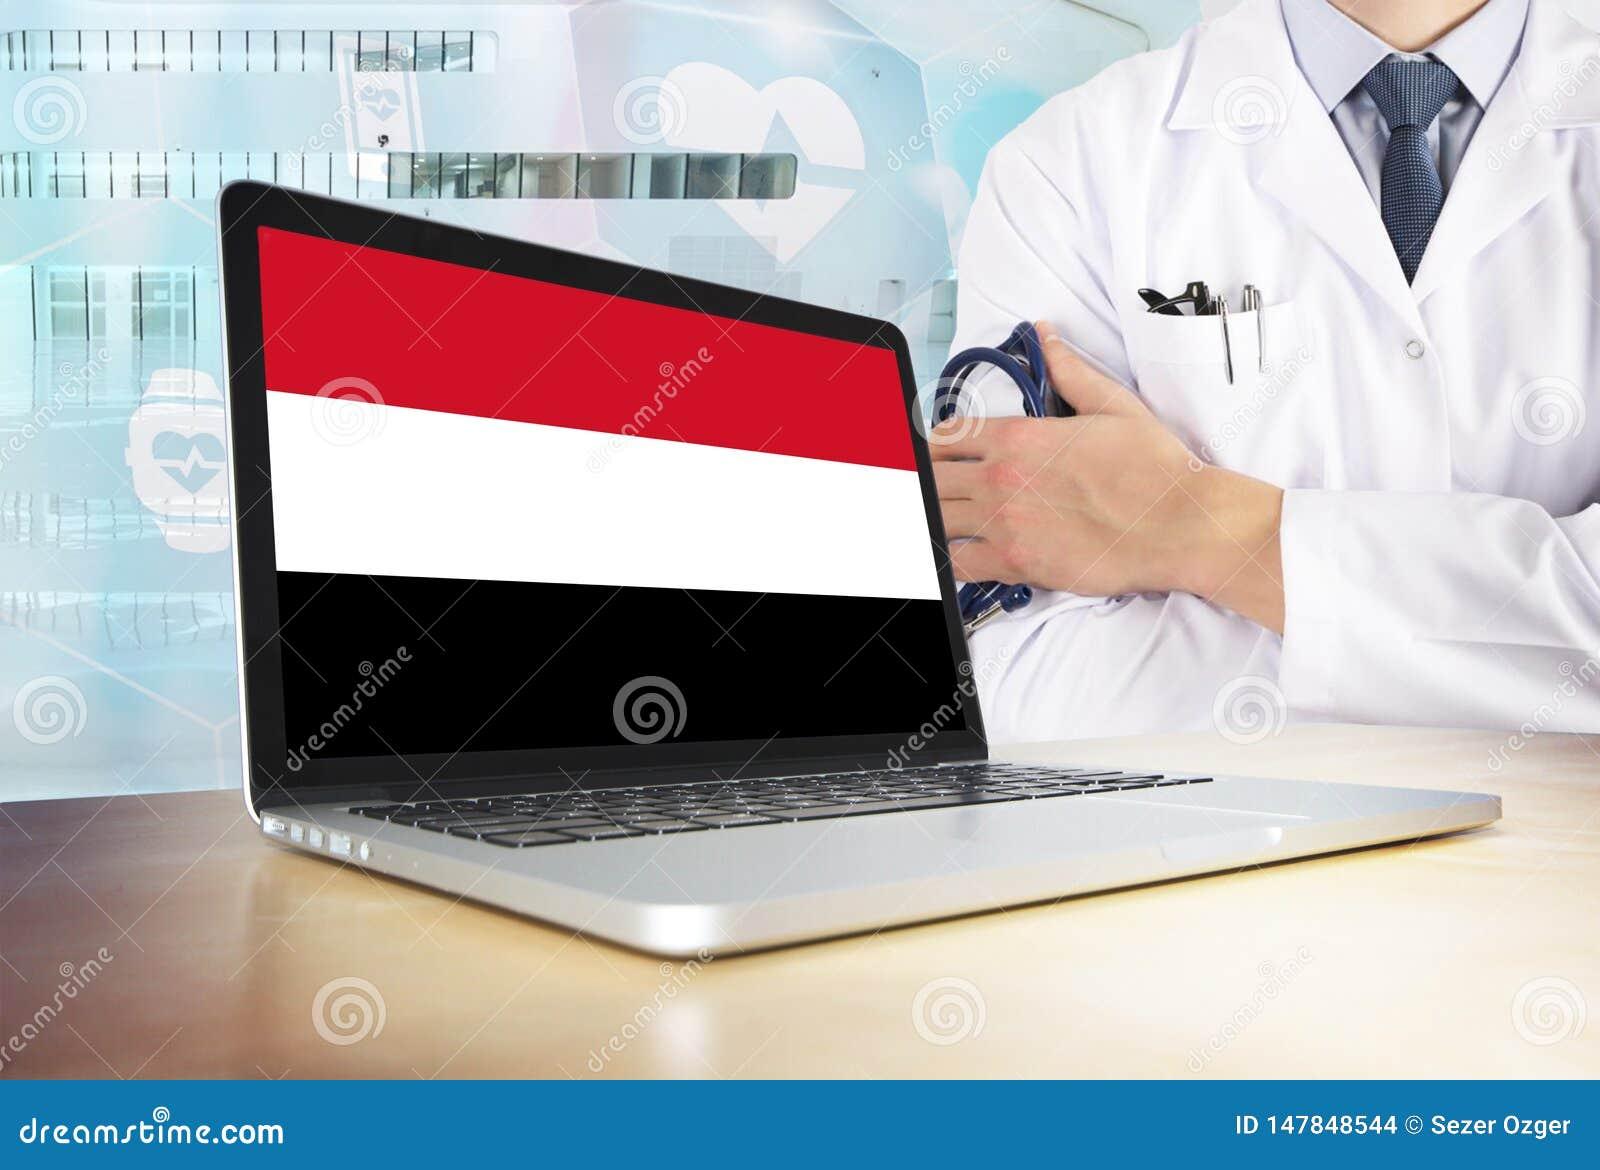 Υγειονομικό σύστημα της Υεμένης στο θέμα τεχνολογίας Σημαία Γιεμενιτών στη οθόνη υπολογιστή Γιατρός που στέκεται με το στηθοσκόπι